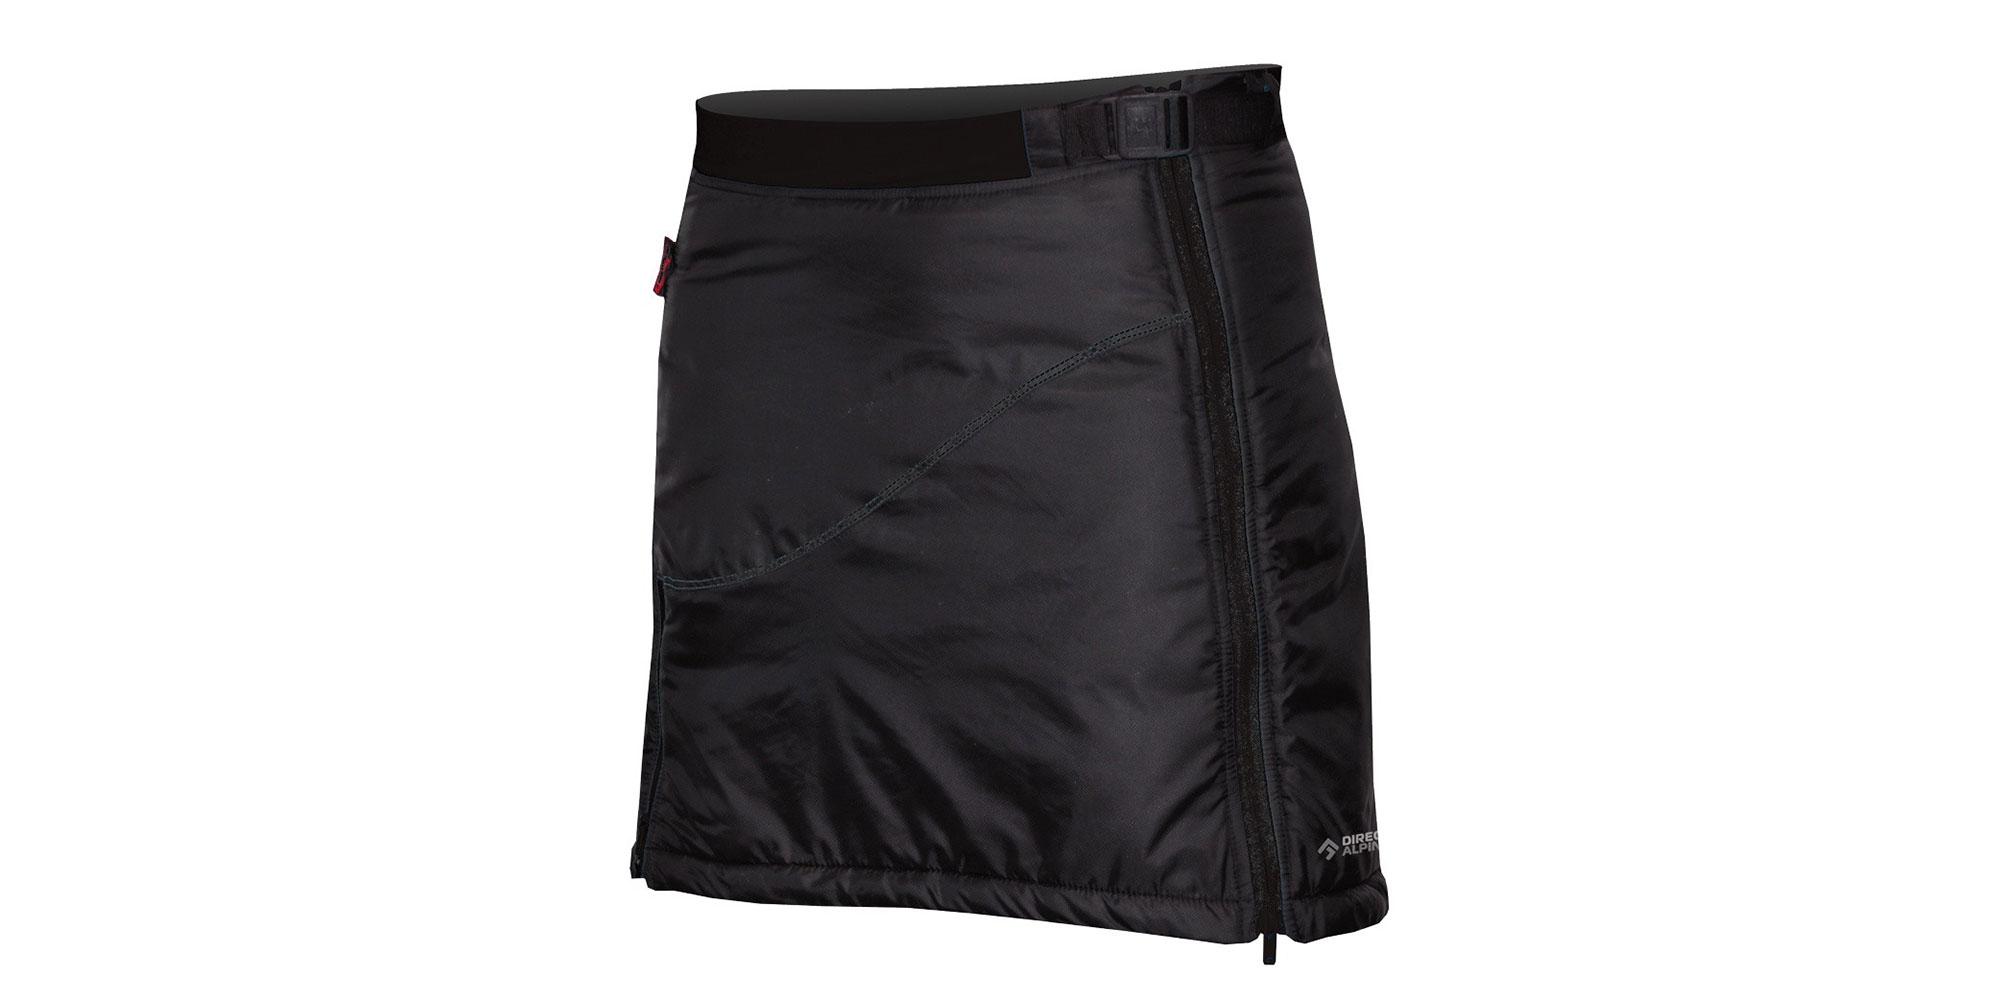 Sportovní zateplená sukně Direct Alpine Betty 1.0